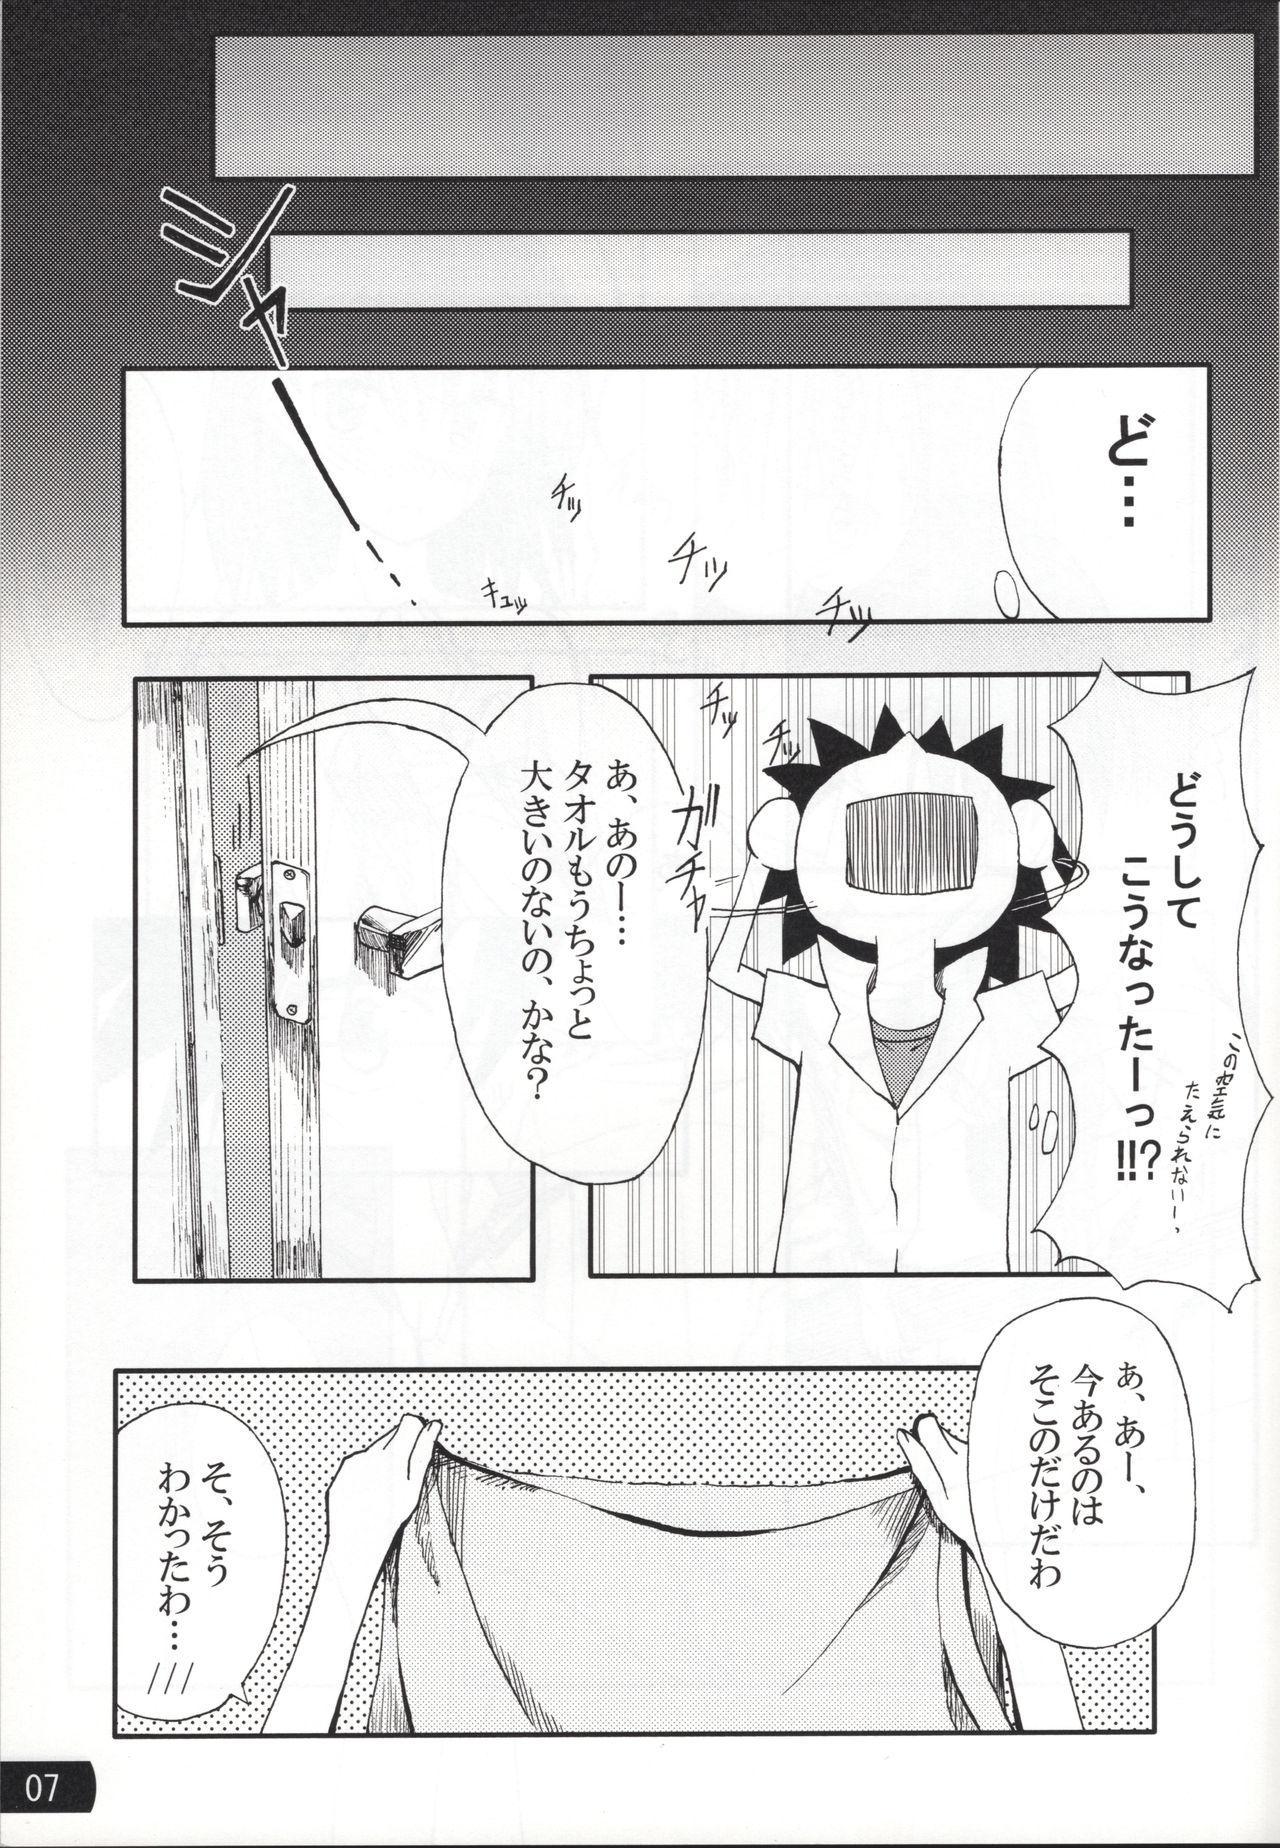 Toaru mousou no chou denji hon 02 5